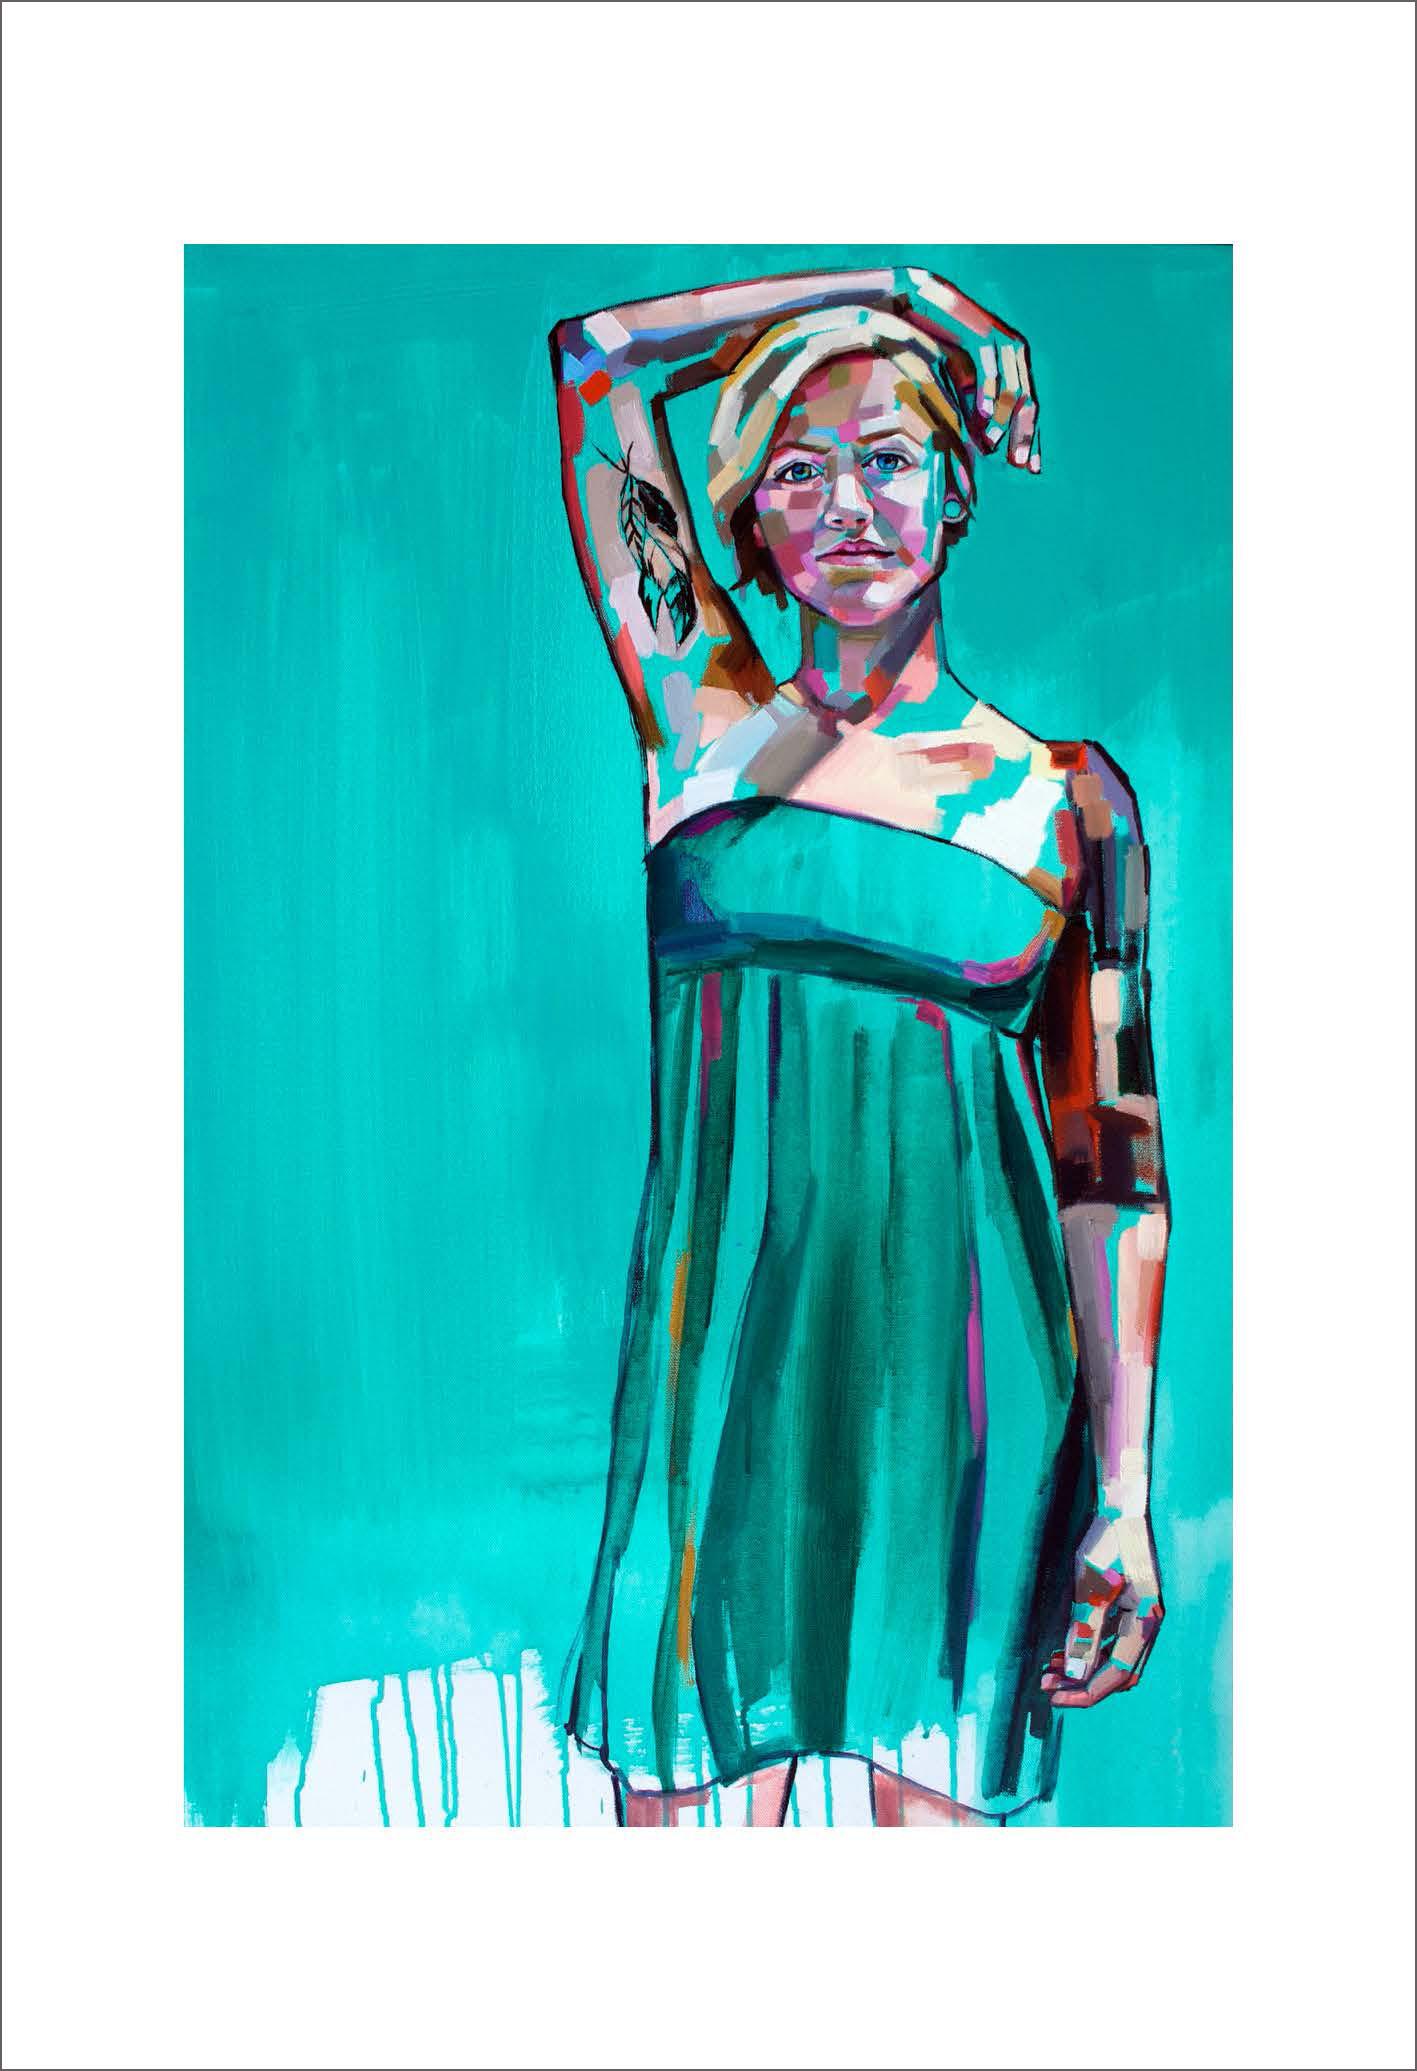 Kelly by Sheila Dunn